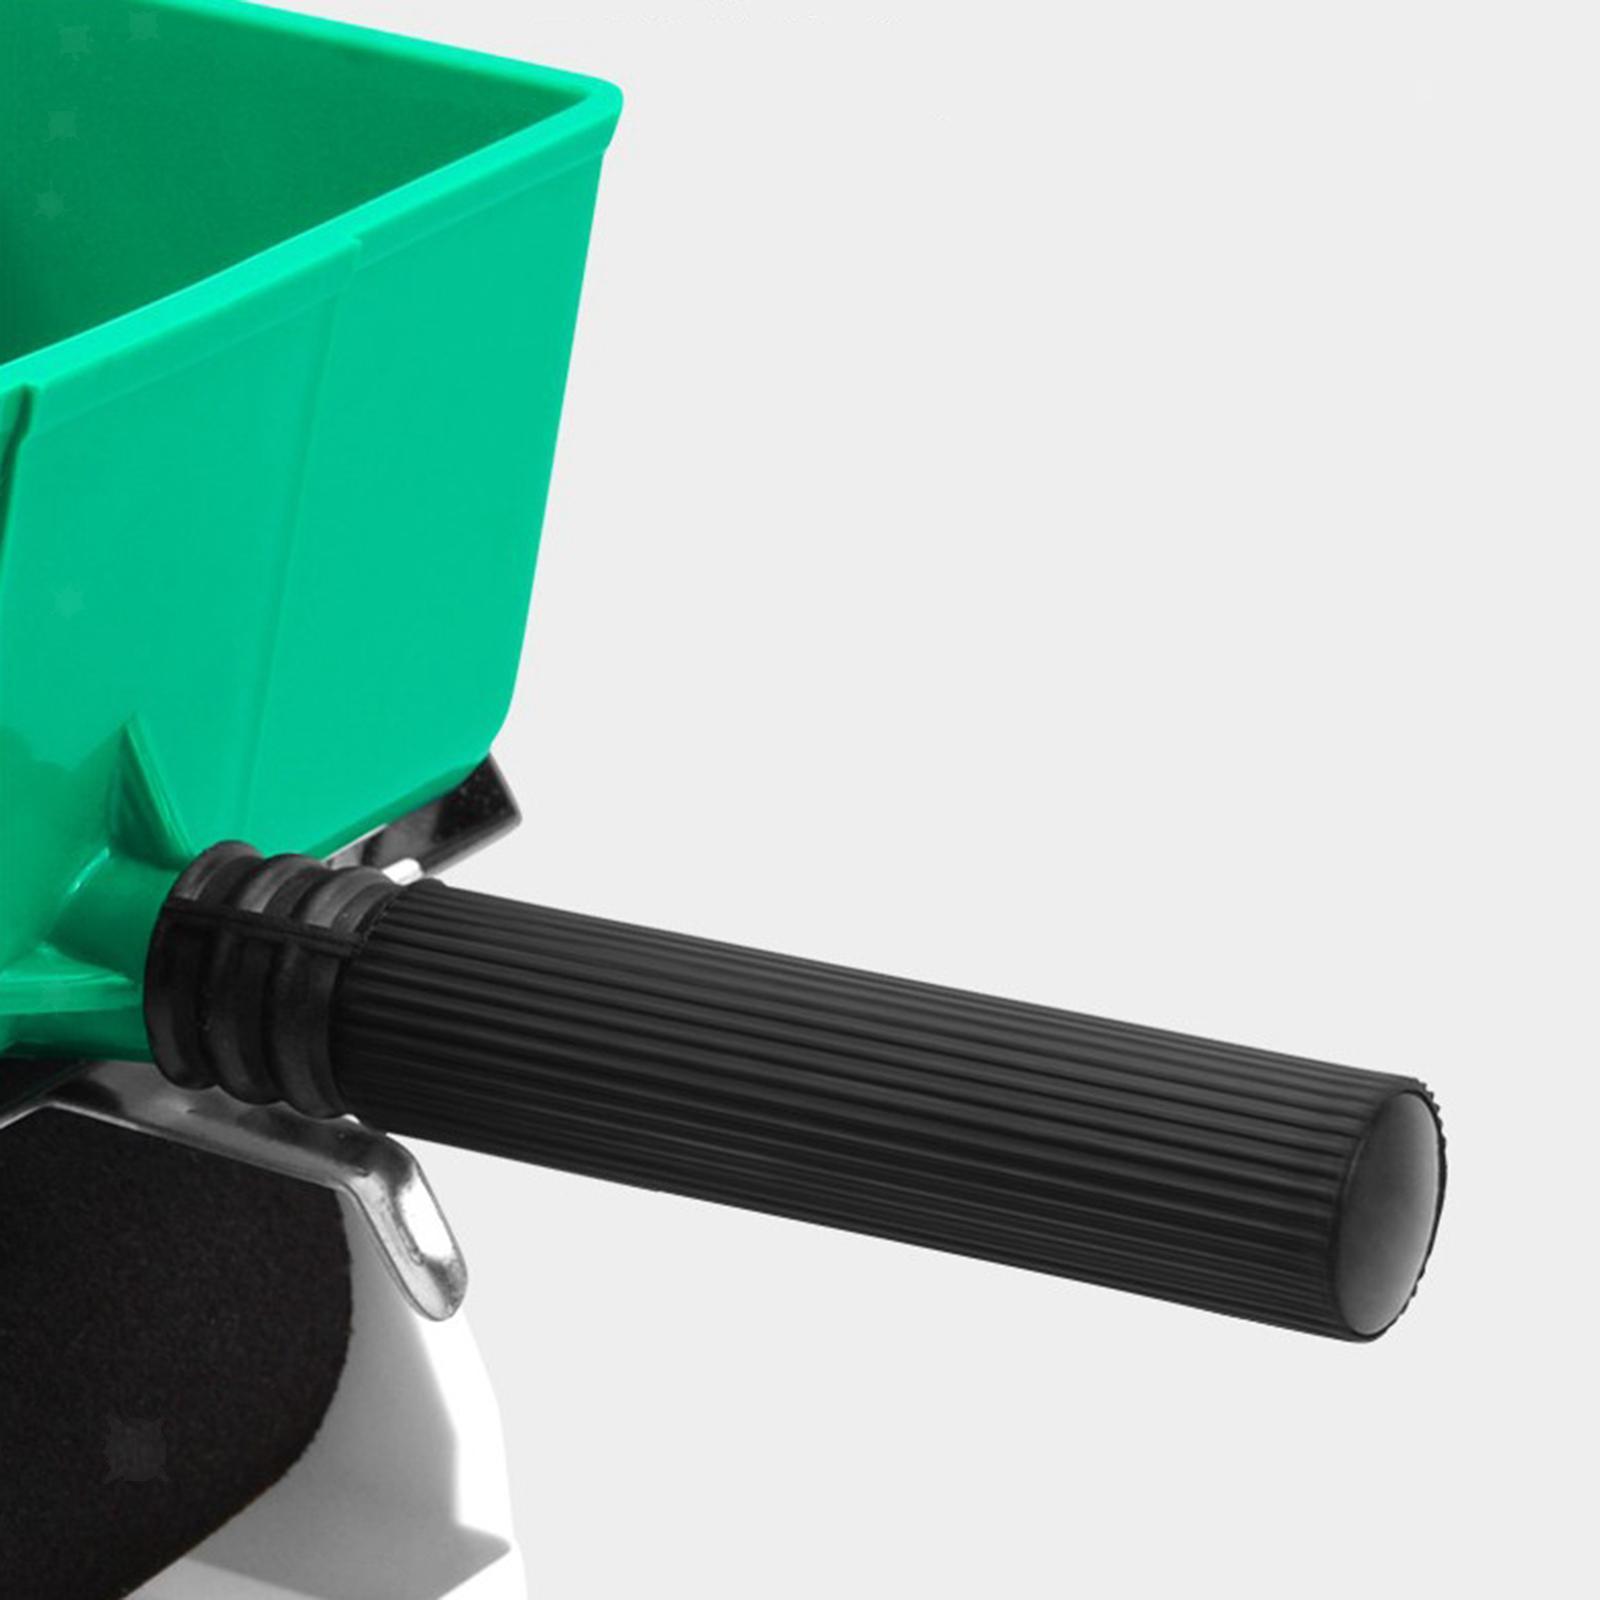 miniatura 11 - 180mL/320mL Portatile Colla Applicatore Rullo Professionale Rivestito Colla